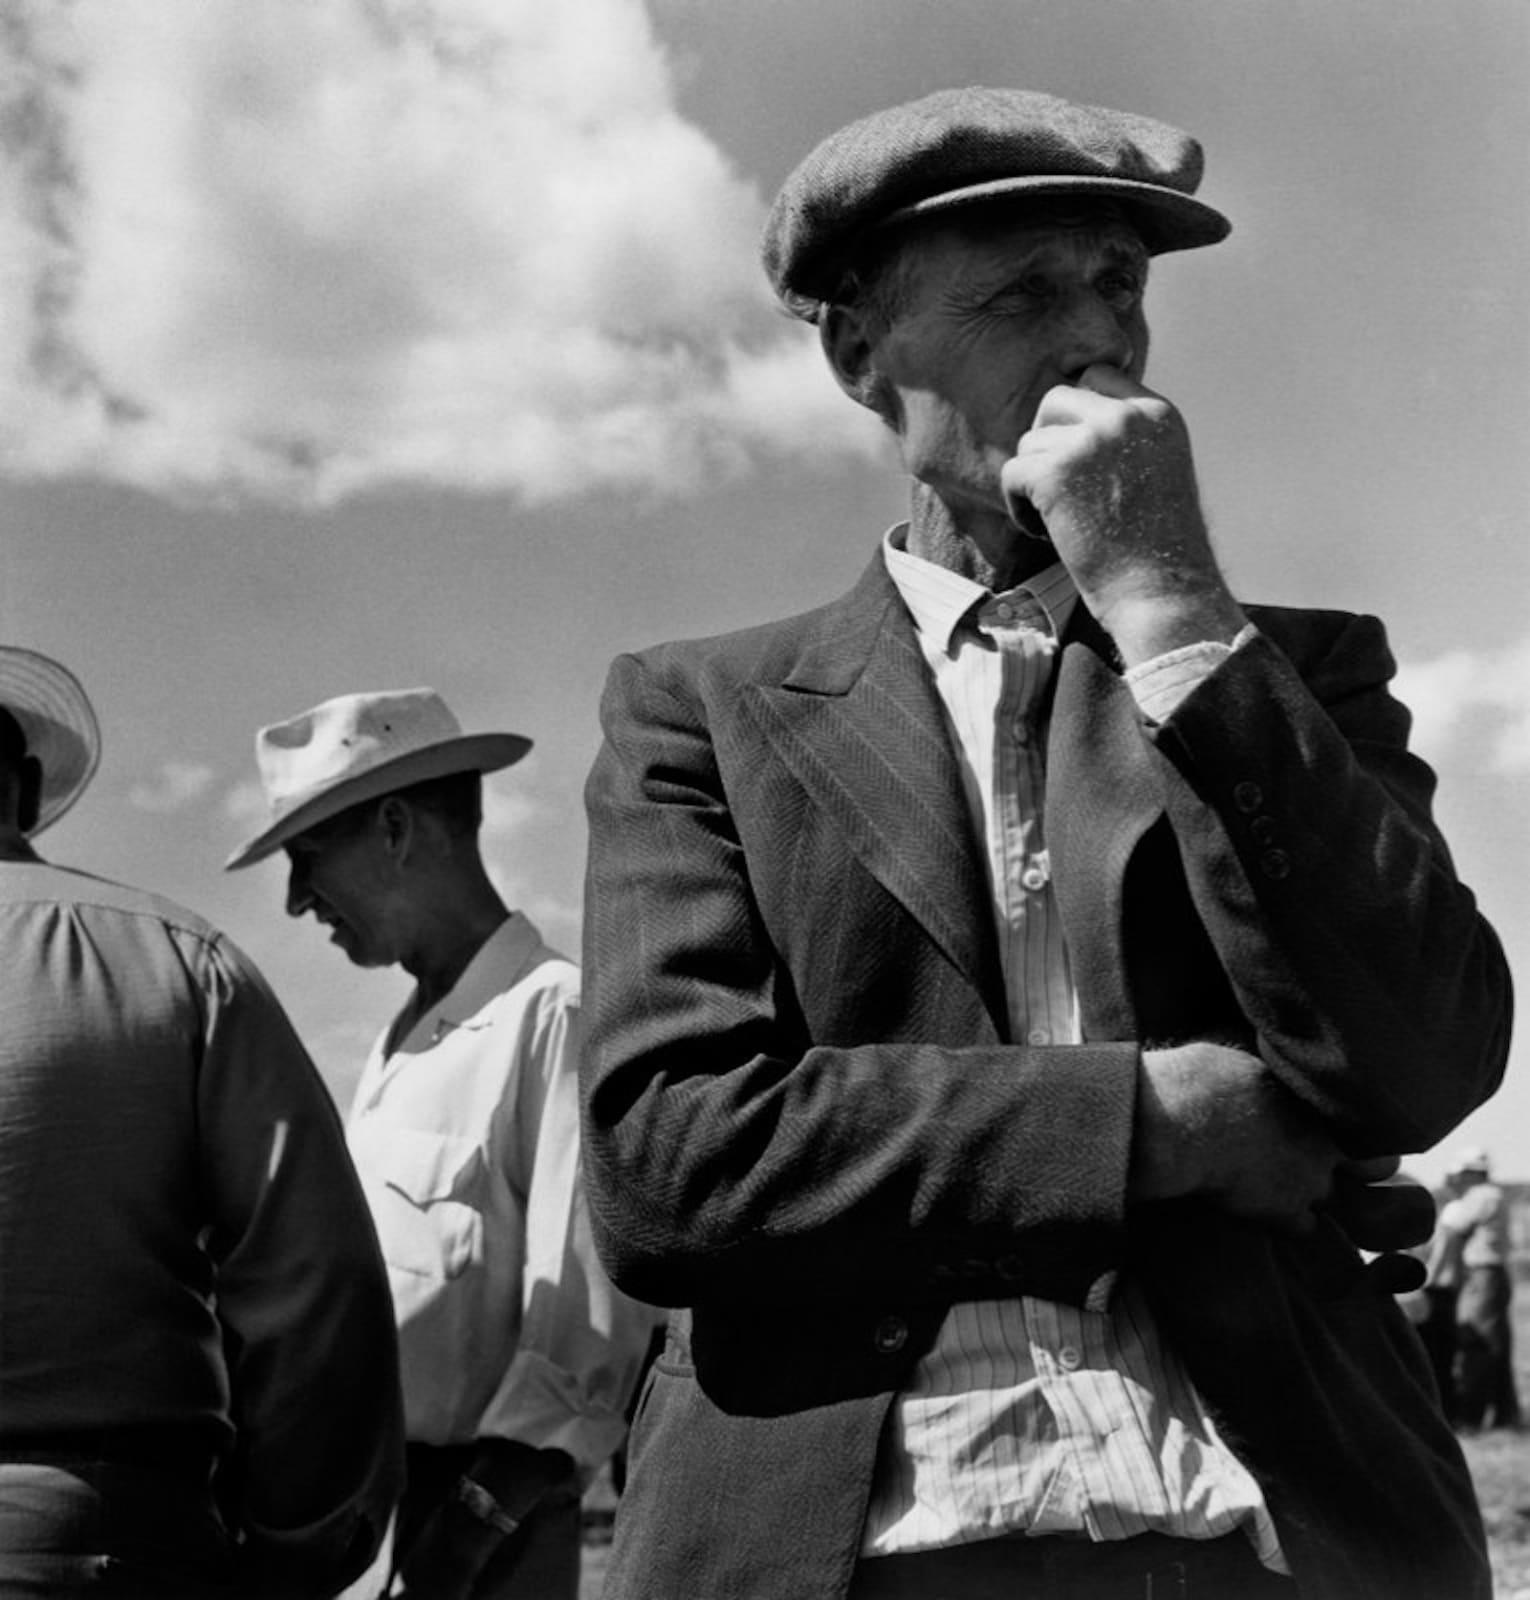 Berenice Abbott, Patato Farmers, Maine, 1954